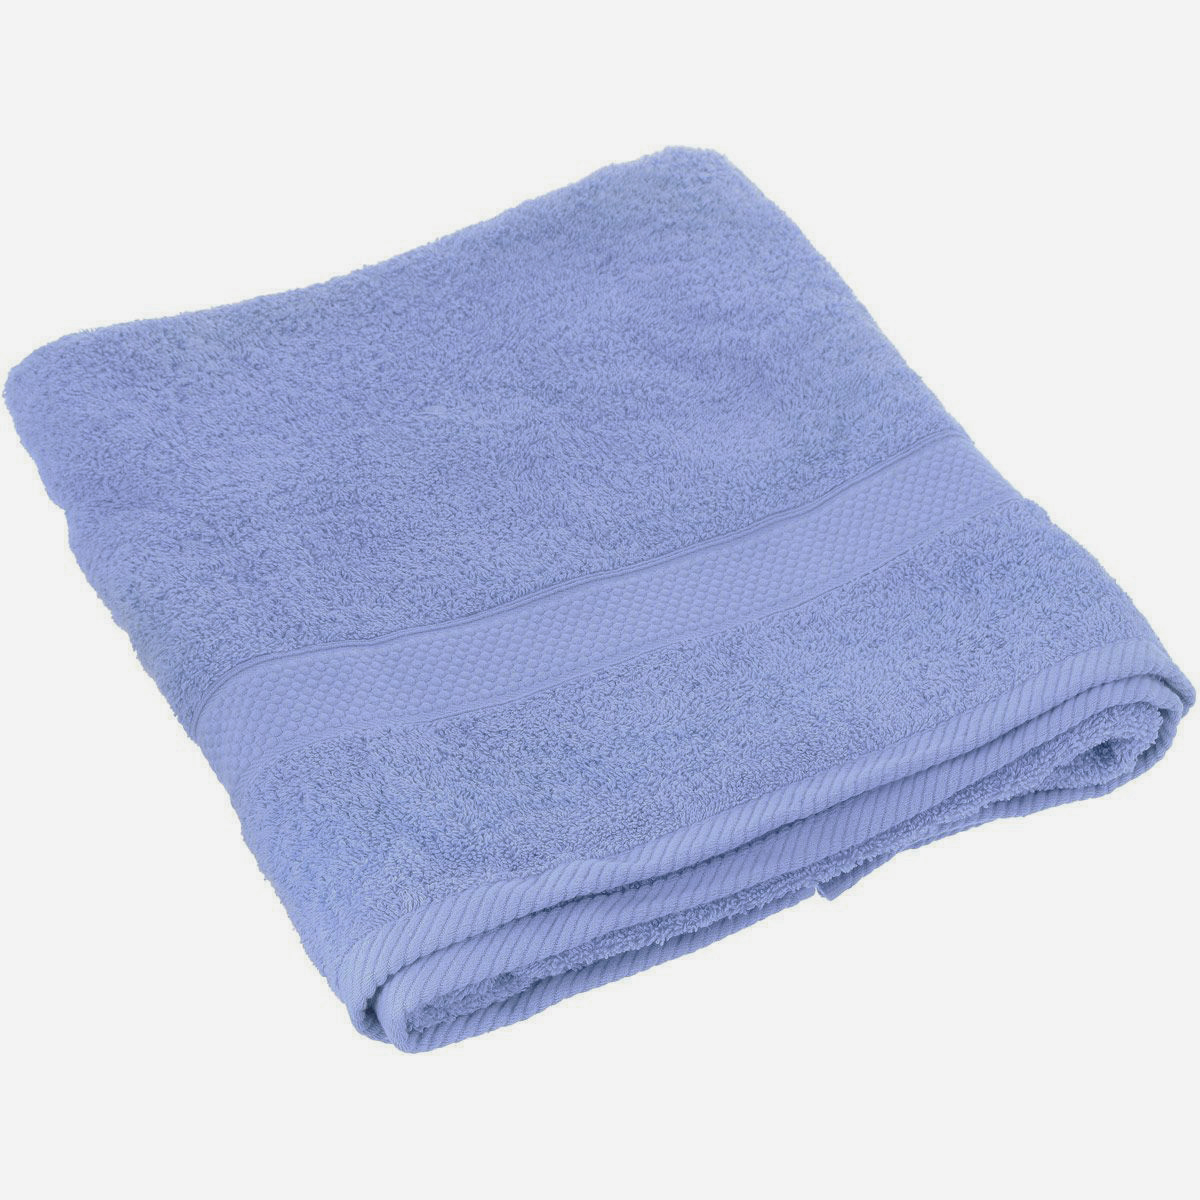 Купить Полотенца Arya, Полотенце Miranda Soft Цвет: Голубой (50х90 см), Турция, Махра